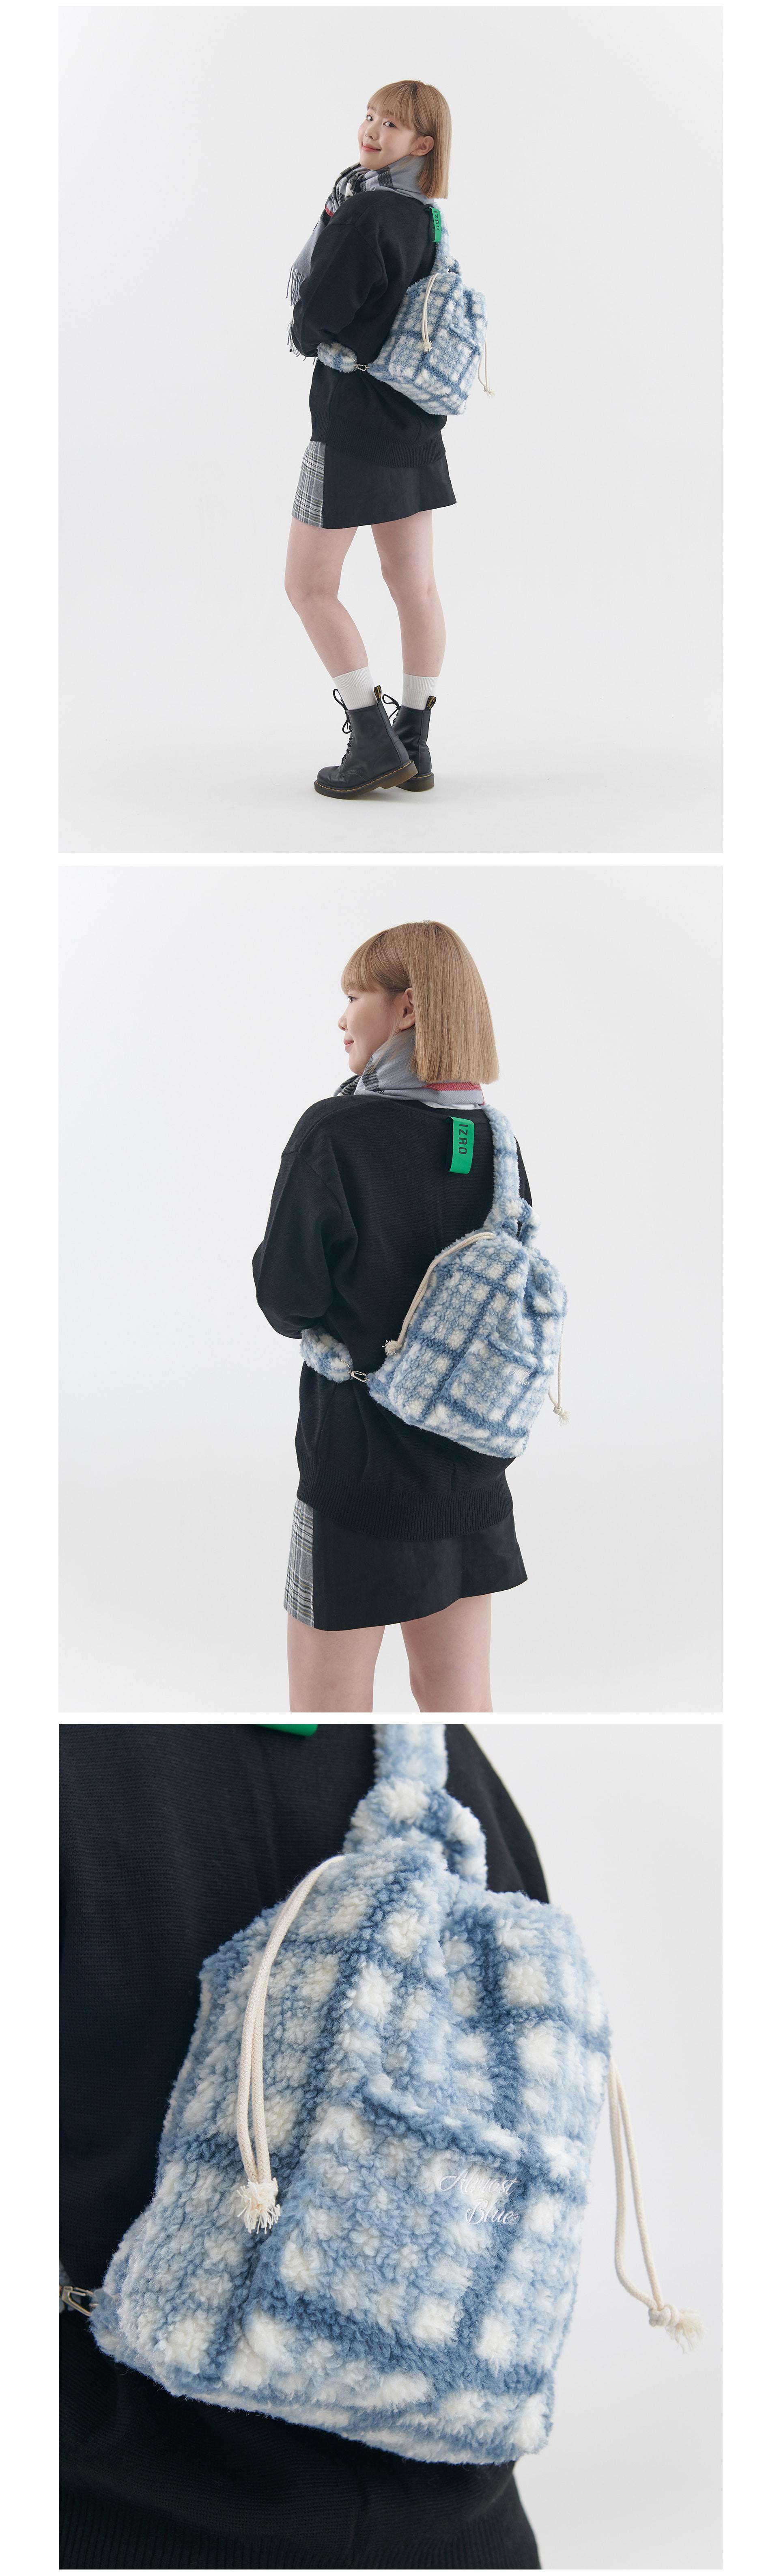 얼모스트블루(ALMOSTBLUE) FLUFFY CHECK SLING BAG